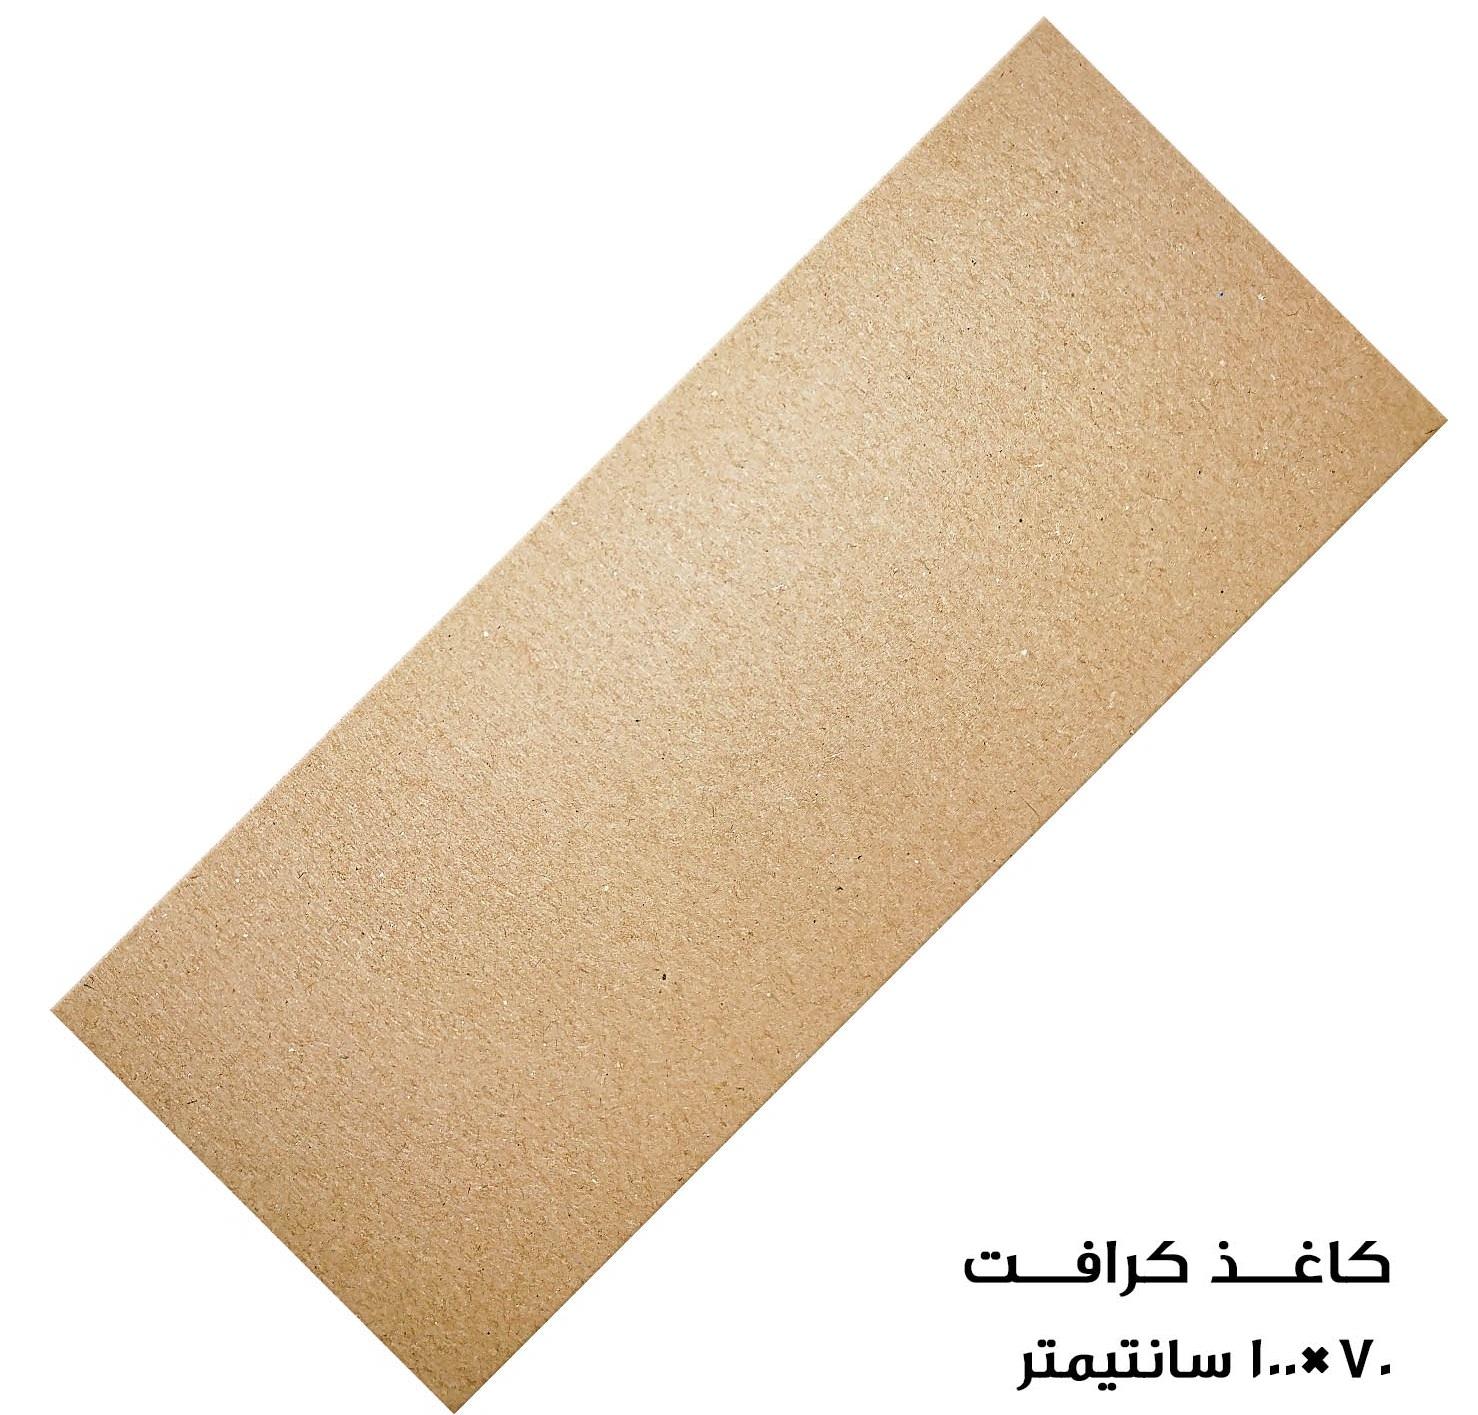 فروش کاغذ گراف در اصفهان